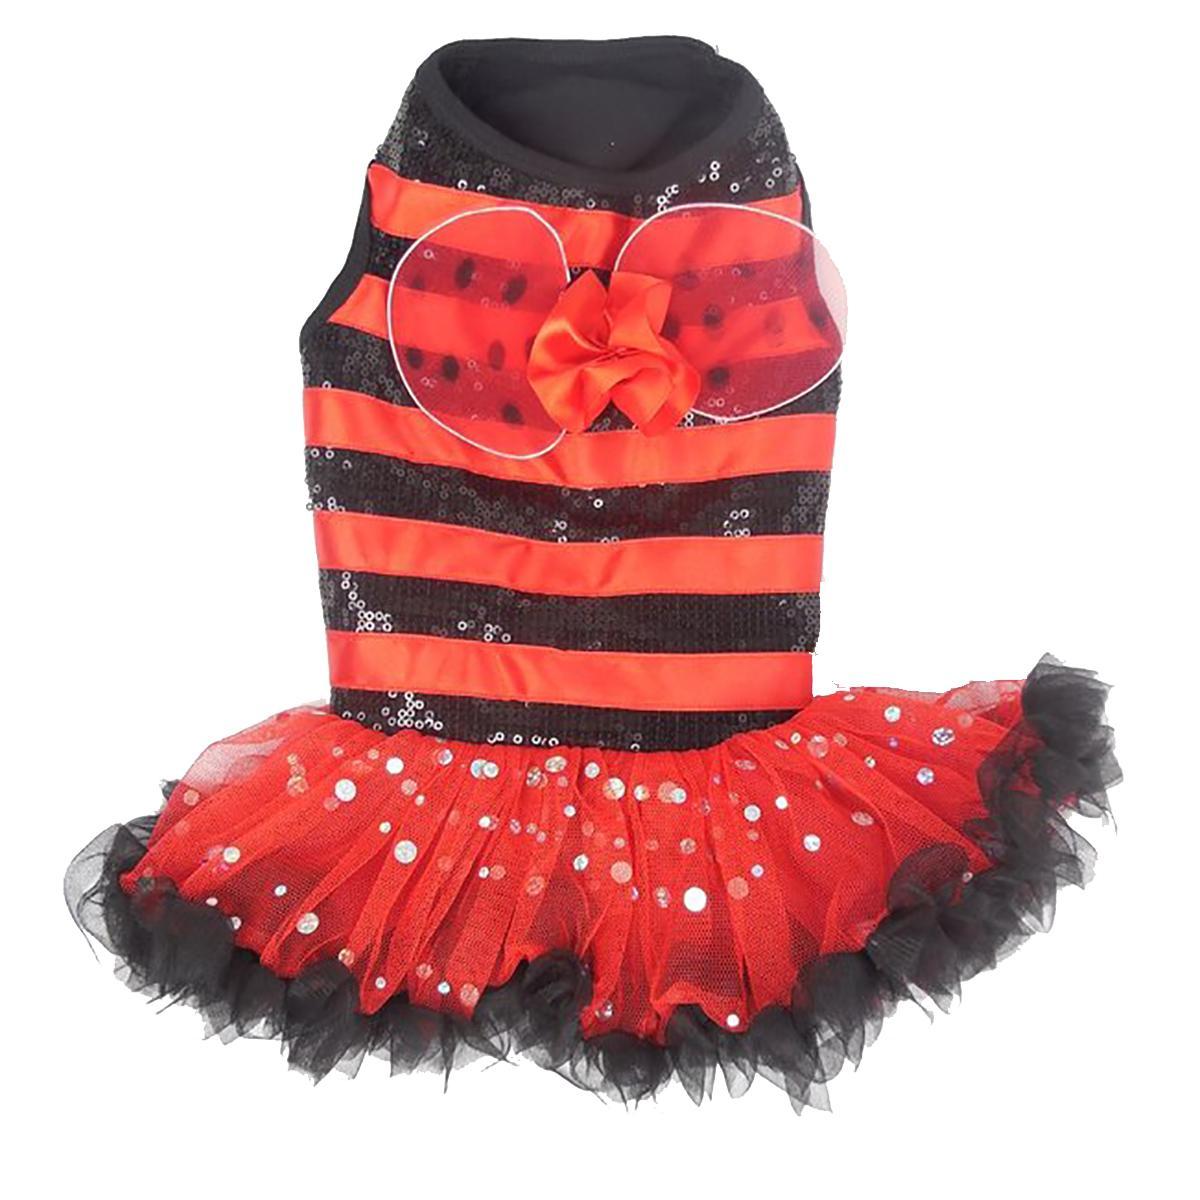 Ladybug Dog Dress by Pawpatu